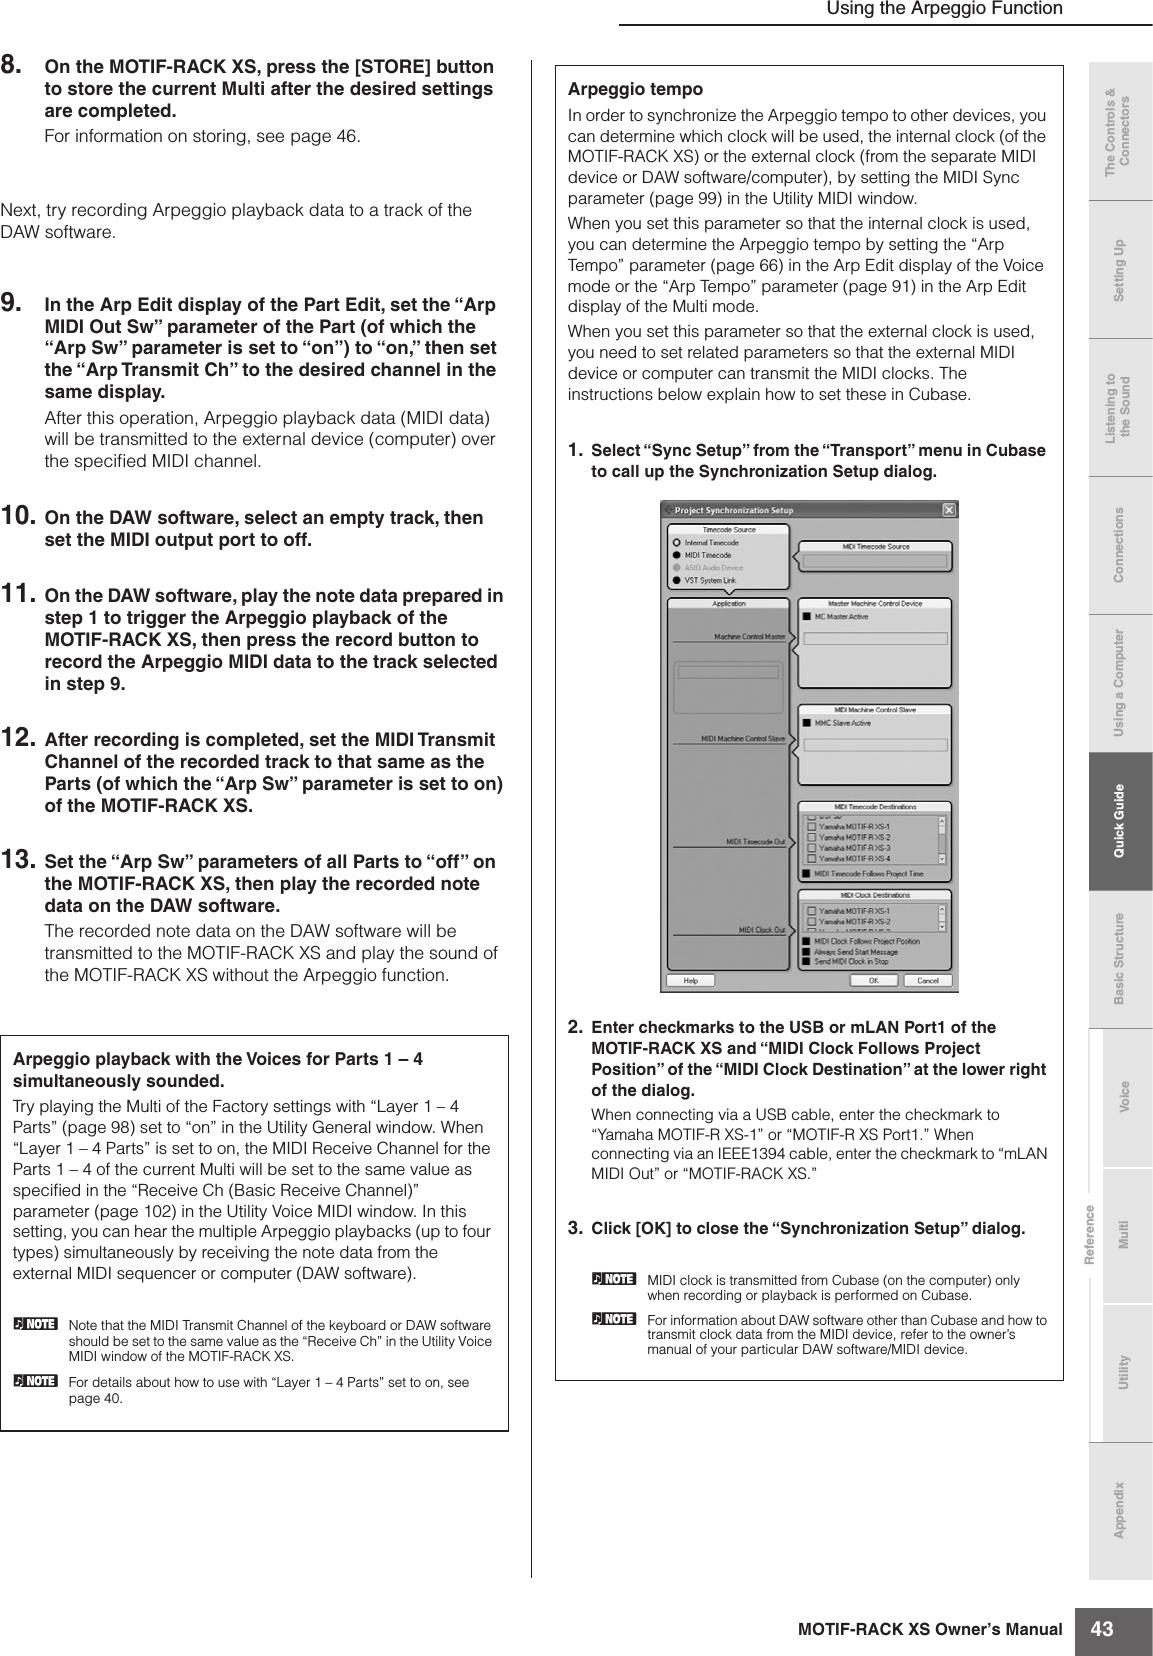 Yamaha MOTIF RACK XS Owner's Manual Motifrackxs En Om C0